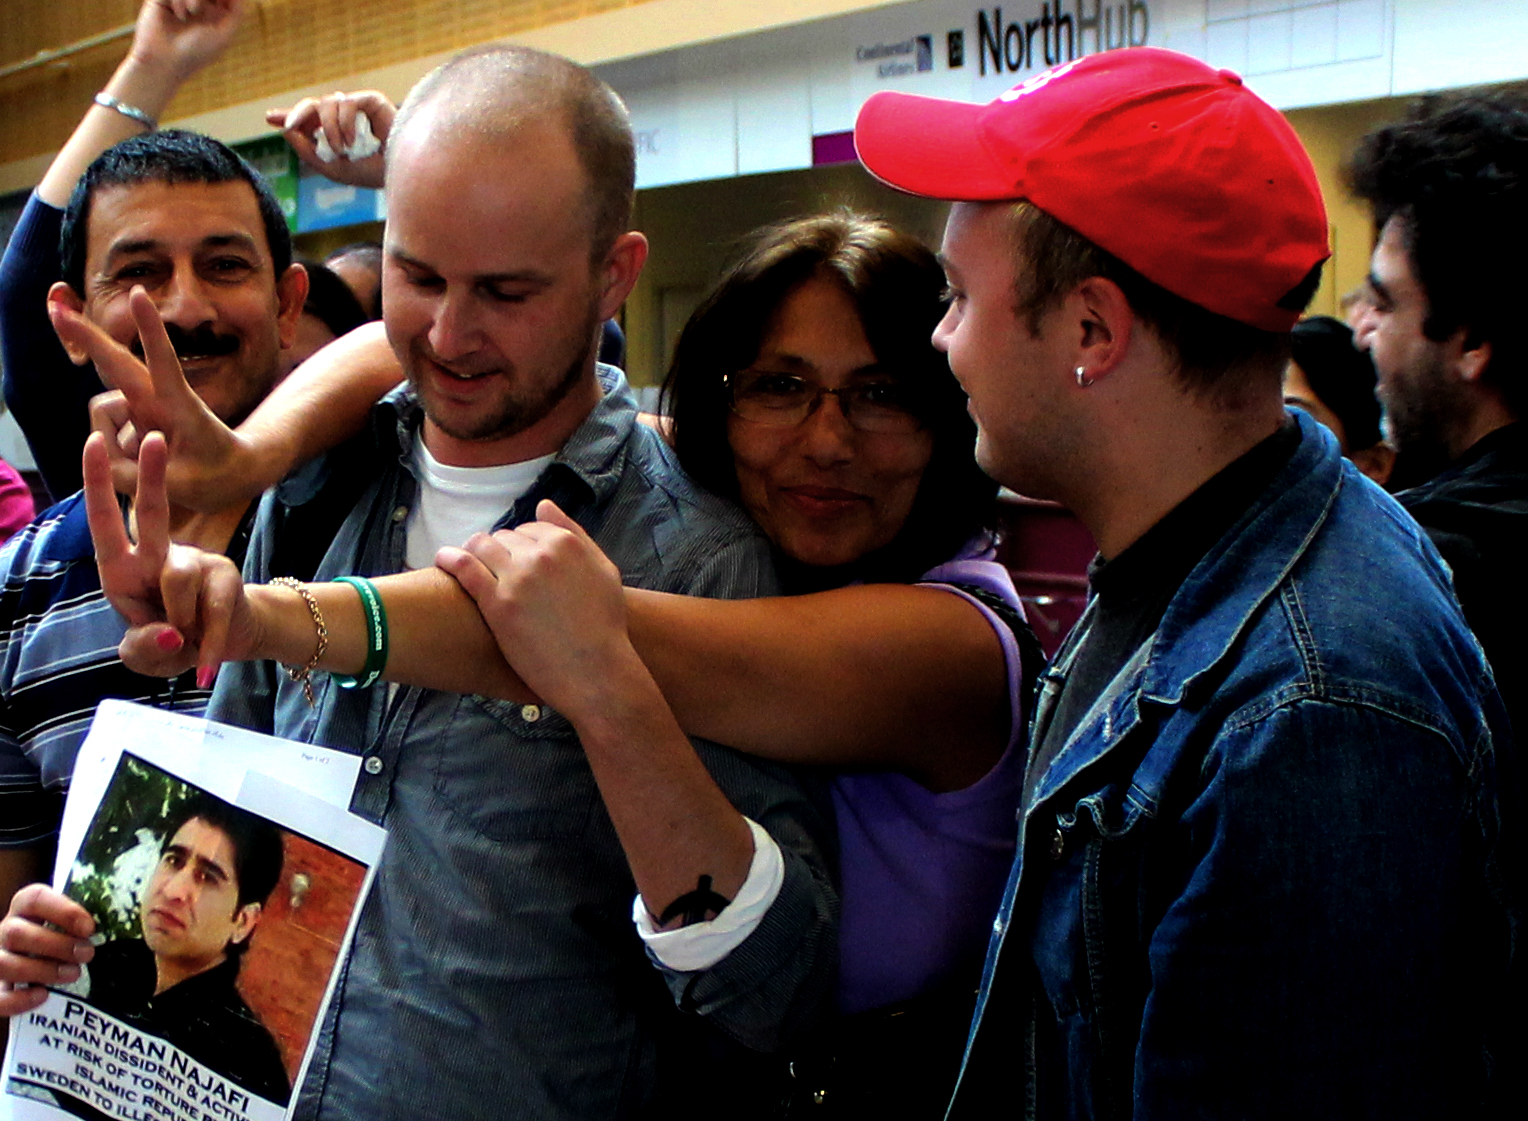 Judiska aktivister stoppades